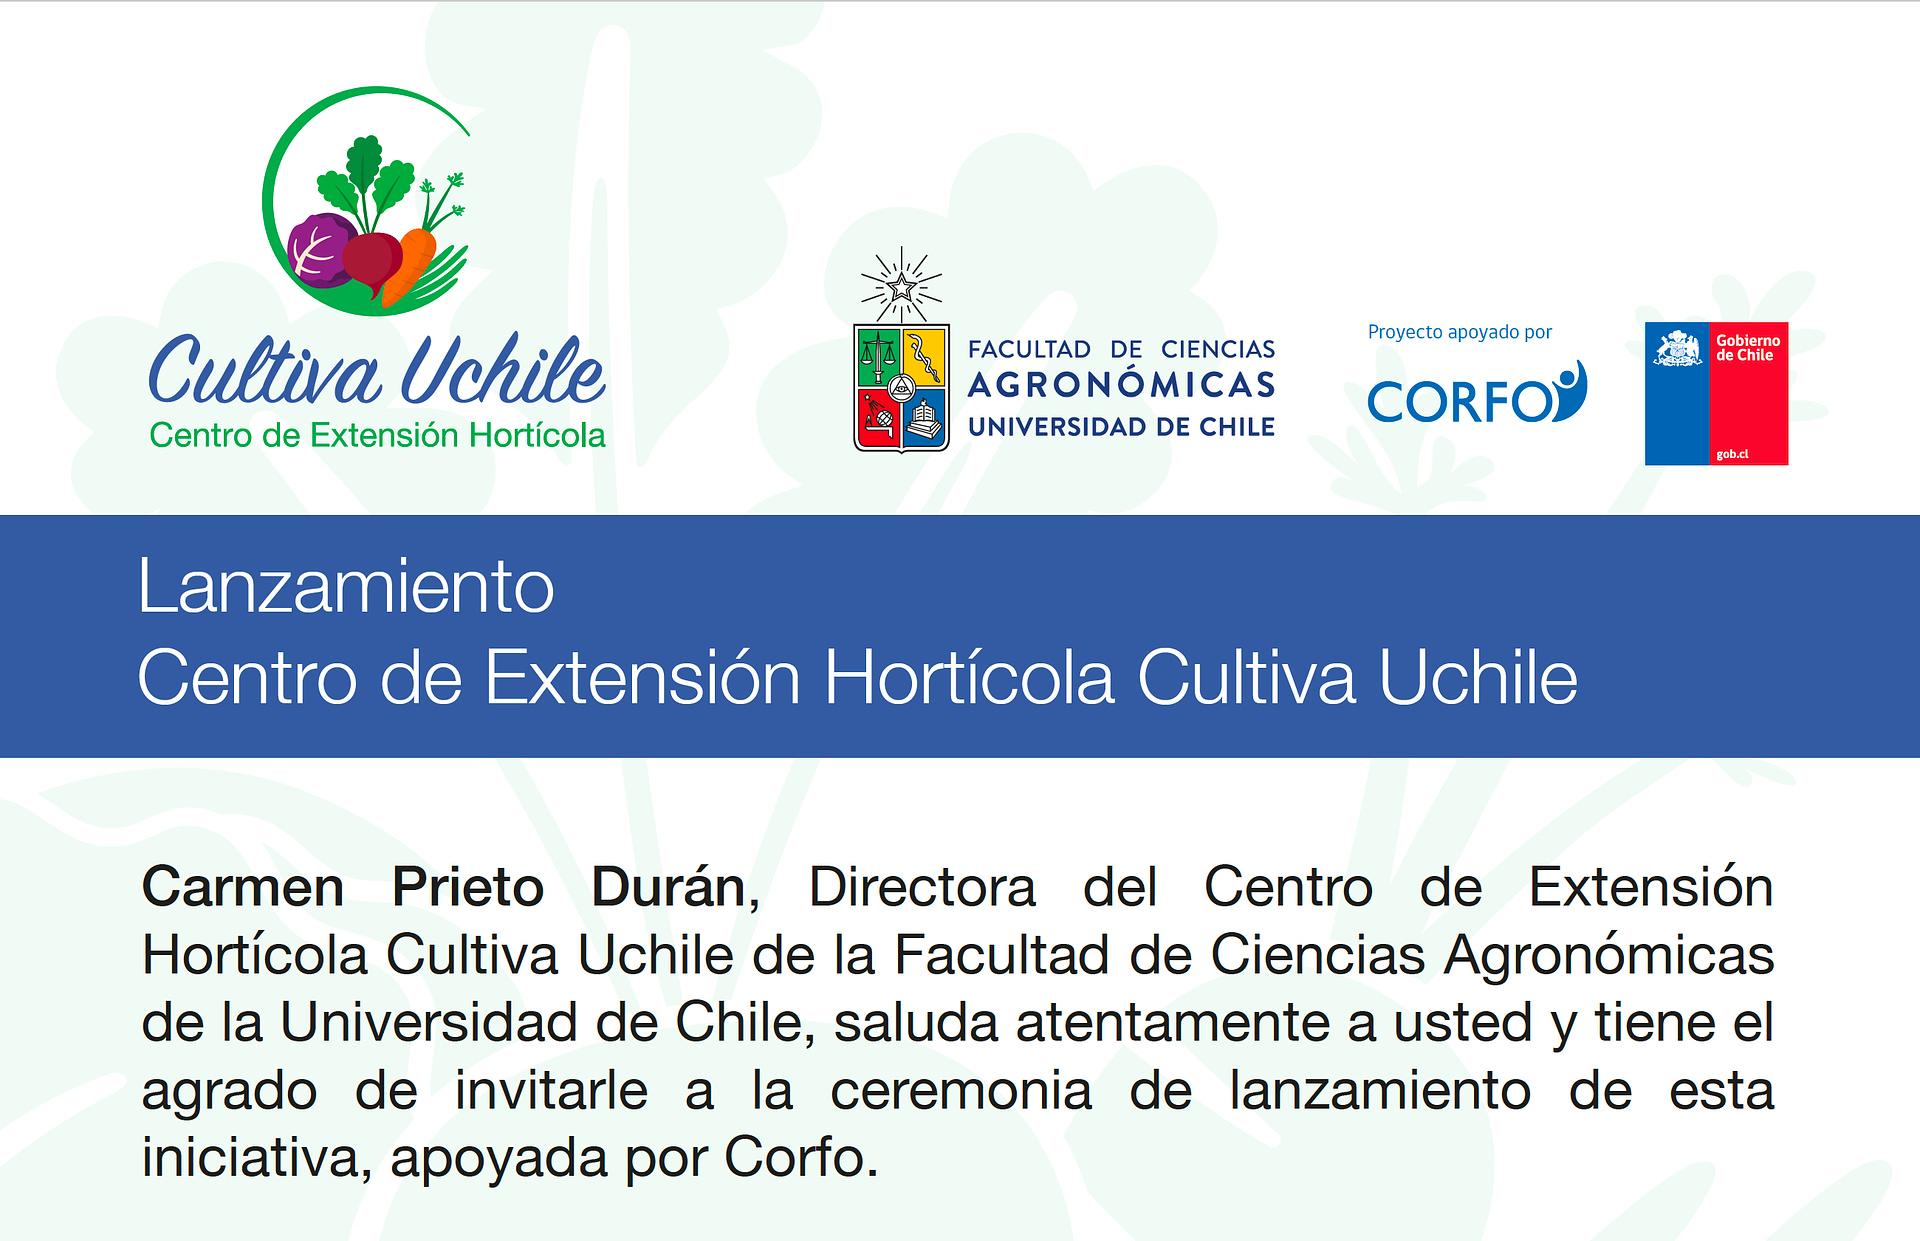 Lanzamiento Centro de Extensión Hortícola Cultiva Uchile